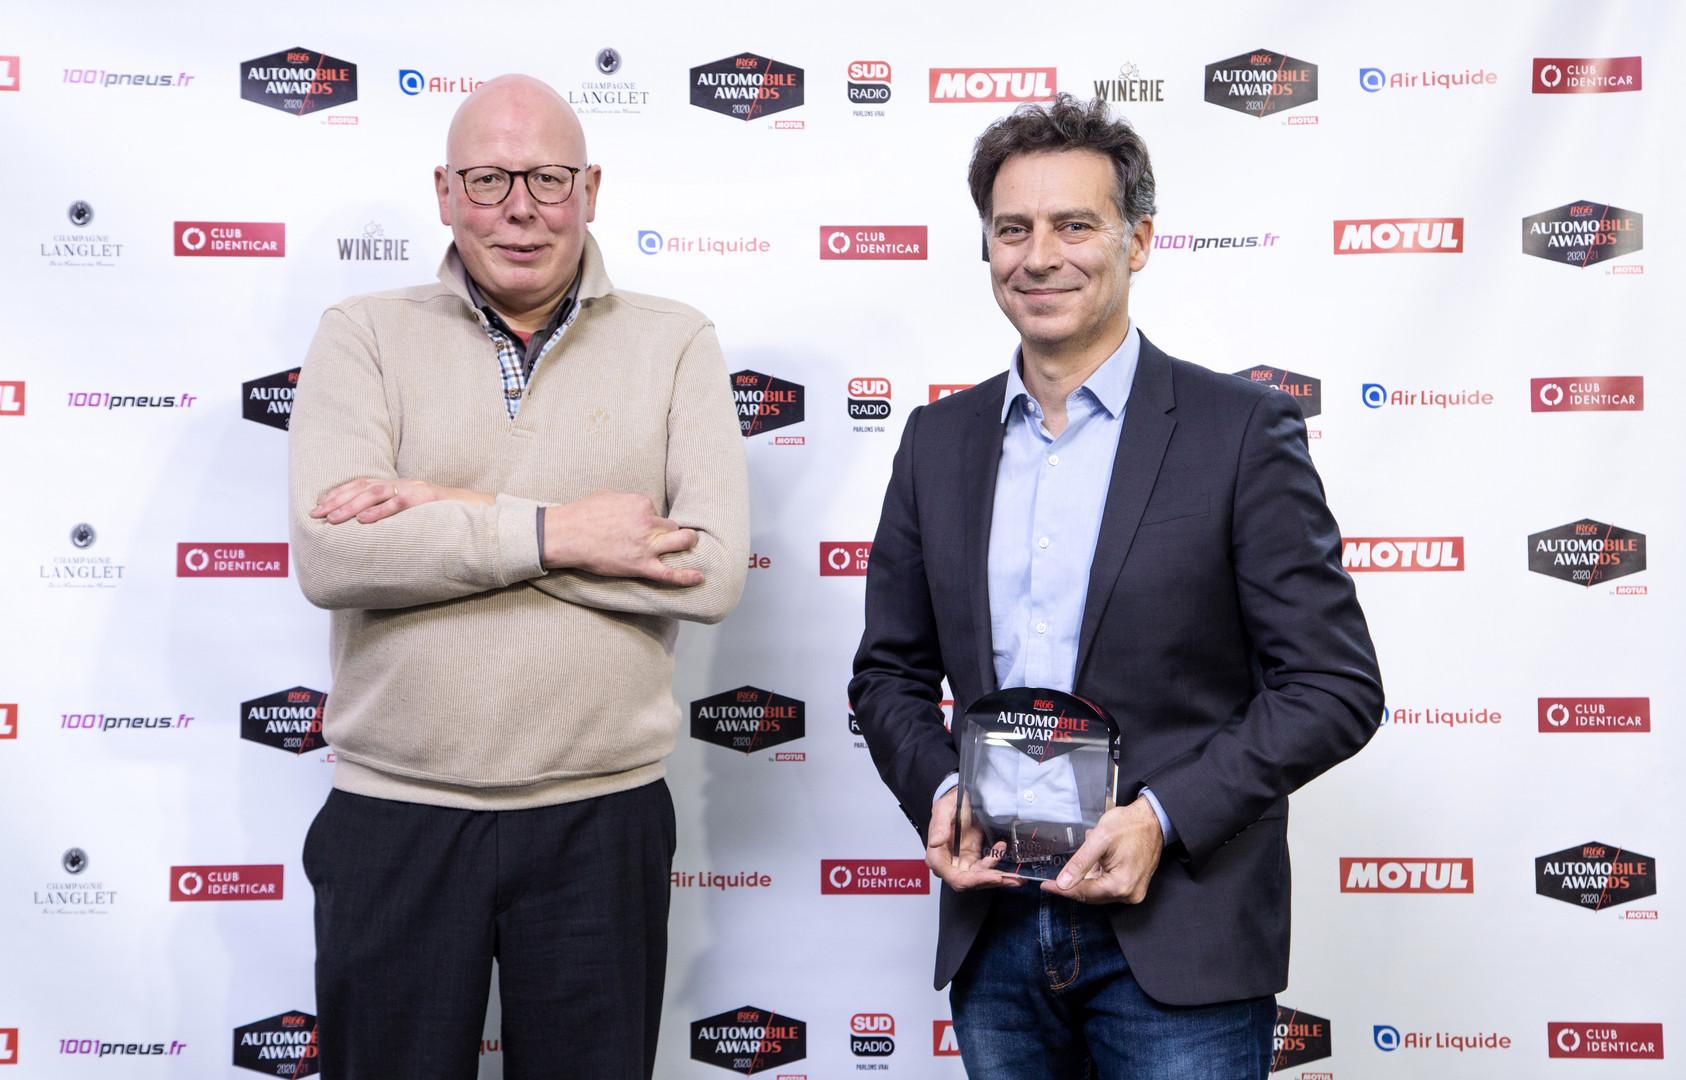 Stéphane Barbé (L'Equipe) & Laurent Blanchet (Directeur Produits Peugeot)